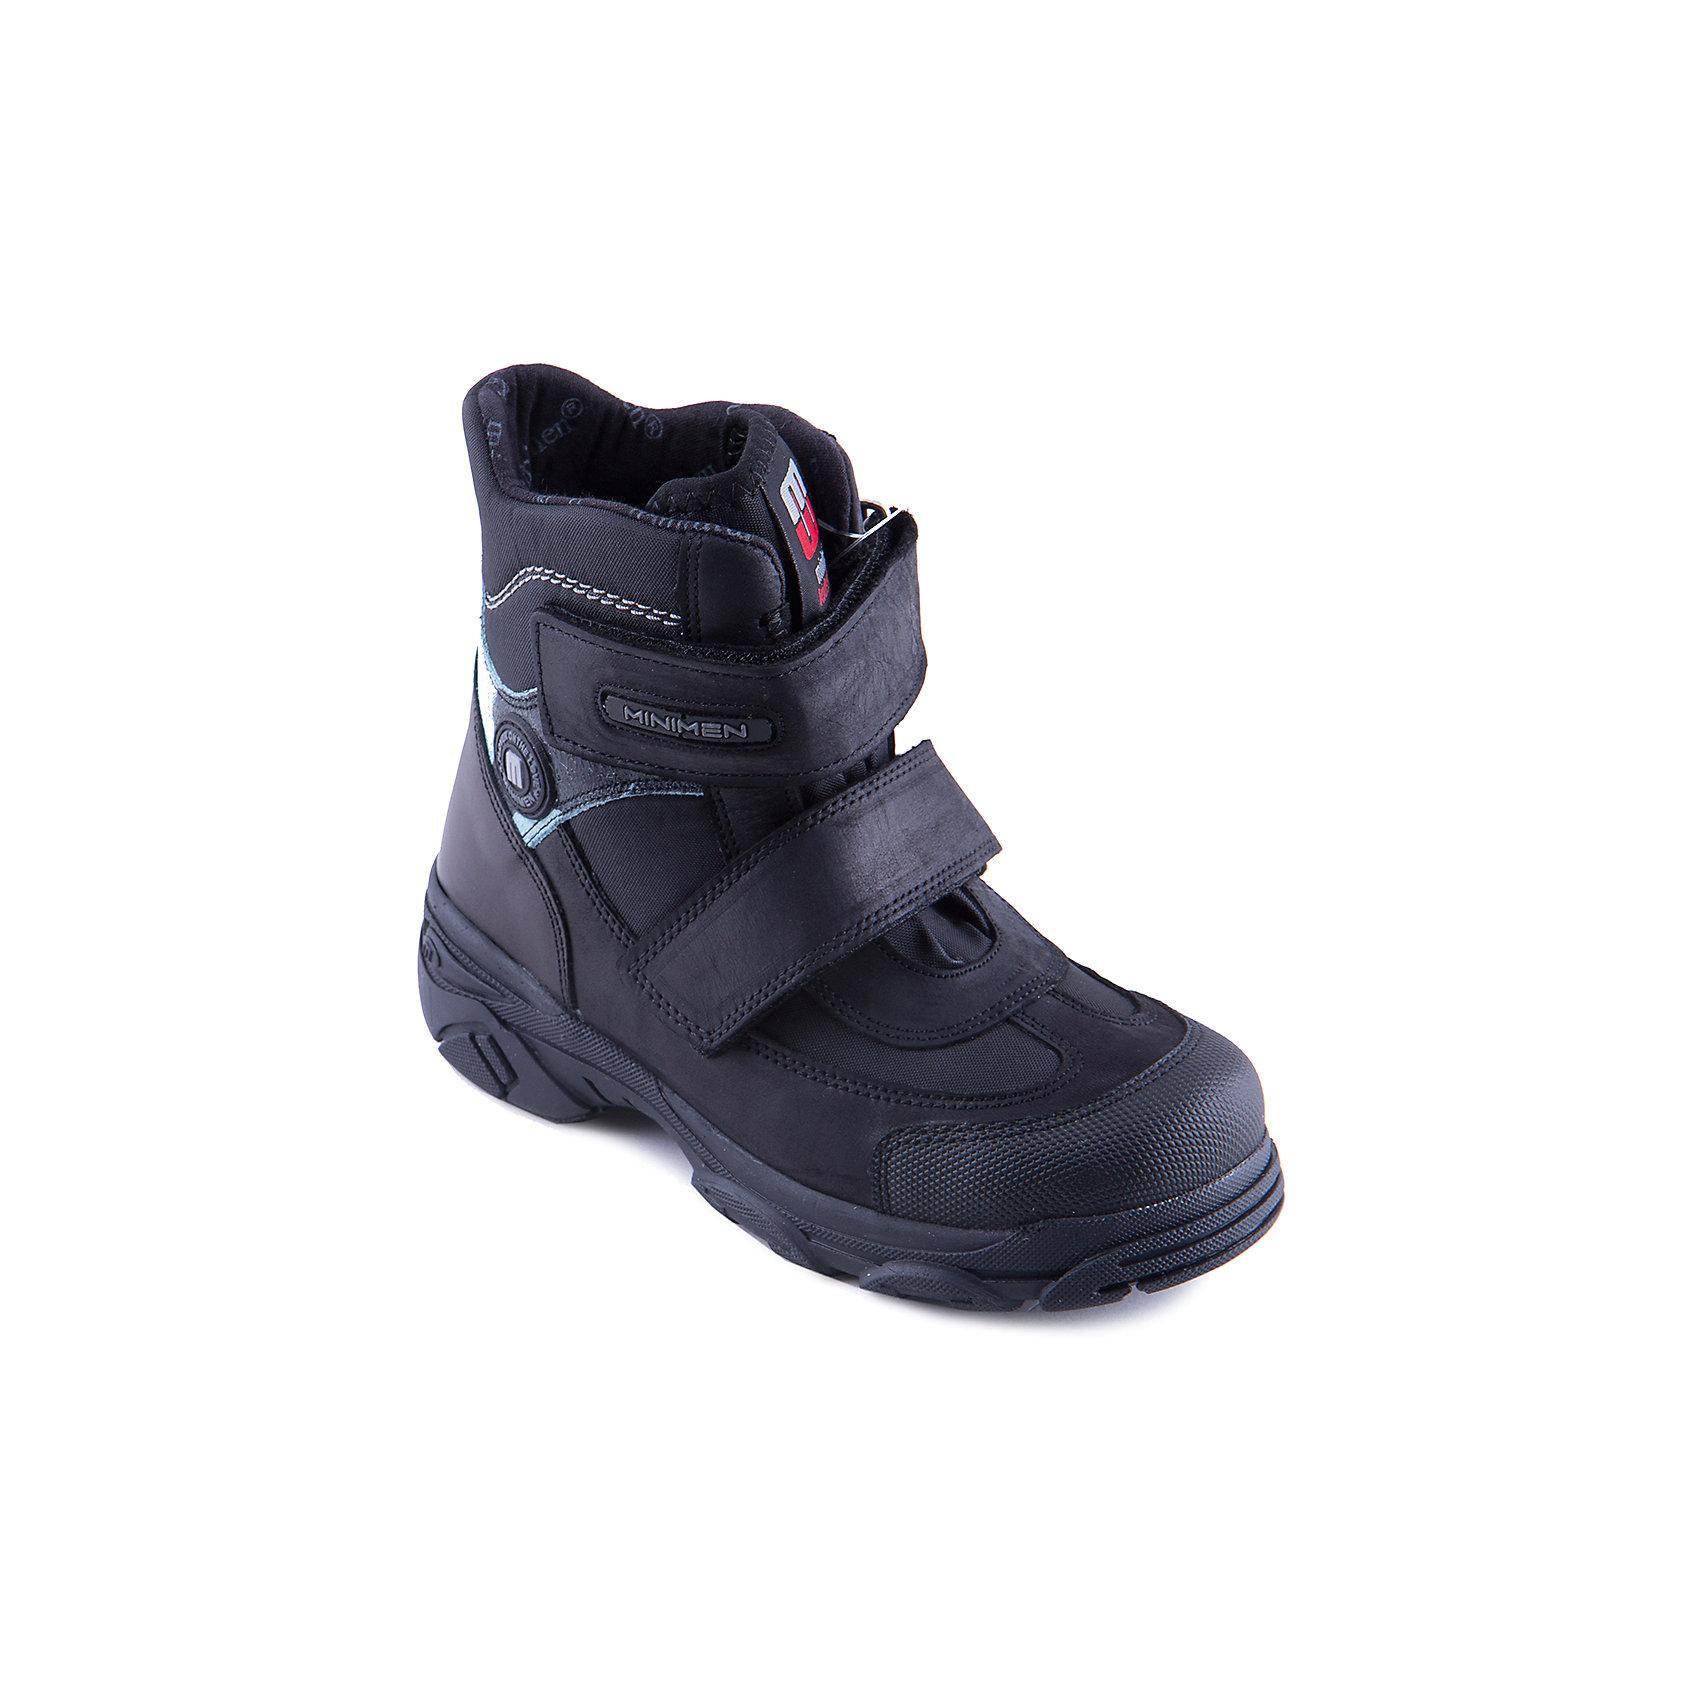 Ботинки для мальчика MinimenБотинки<br>Модные демисезонные полусапоги для мальчика от известного турецкого бренда Minimen. Изделие предназначено для использования в сухую погоду при температуре воздуха выше -5 градусов и обладает следующими особенностями:<br>- практичная расцветка, привлекательный дизайн;<br>- удобная застежка: 2 ремешка с велкро;<br>- усиленный противоударный мыс;<br>- укрепленный задник, стабилизирующий пятку;<br>- мягкий язычок, исключающий дискомфорт;<br>- теплая текстильная подкладка;<br>- стелька с супинатором обеспечивает правильную поддержку стопы;<br>- легкая нескользящая подошва.<br>Отличные полусапожки для Вашего ребенка!<br><br>Дополнительная информация:<br>- Температурный режим: выше -5 градусов<br>- Состав:<br>Материал верха: натуральная кожа  <br>Материал подкладки: текстиль (100% хлопок)<br><br>Полусапоги для мальчика Minimen (Минимен) можно купить в нашем магазине<br><br>Ширина мм: 257<br>Глубина мм: 180<br>Высота мм: 130<br>Вес г: 420<br>Цвет: черный<br>Возраст от месяцев: 12<br>Возраст до месяцев: 15<br>Пол: Мужской<br>Возраст: Детский<br>Размер: 21,33,25,22,24,23,35,34,32,31,36<br>SKU: 4008615